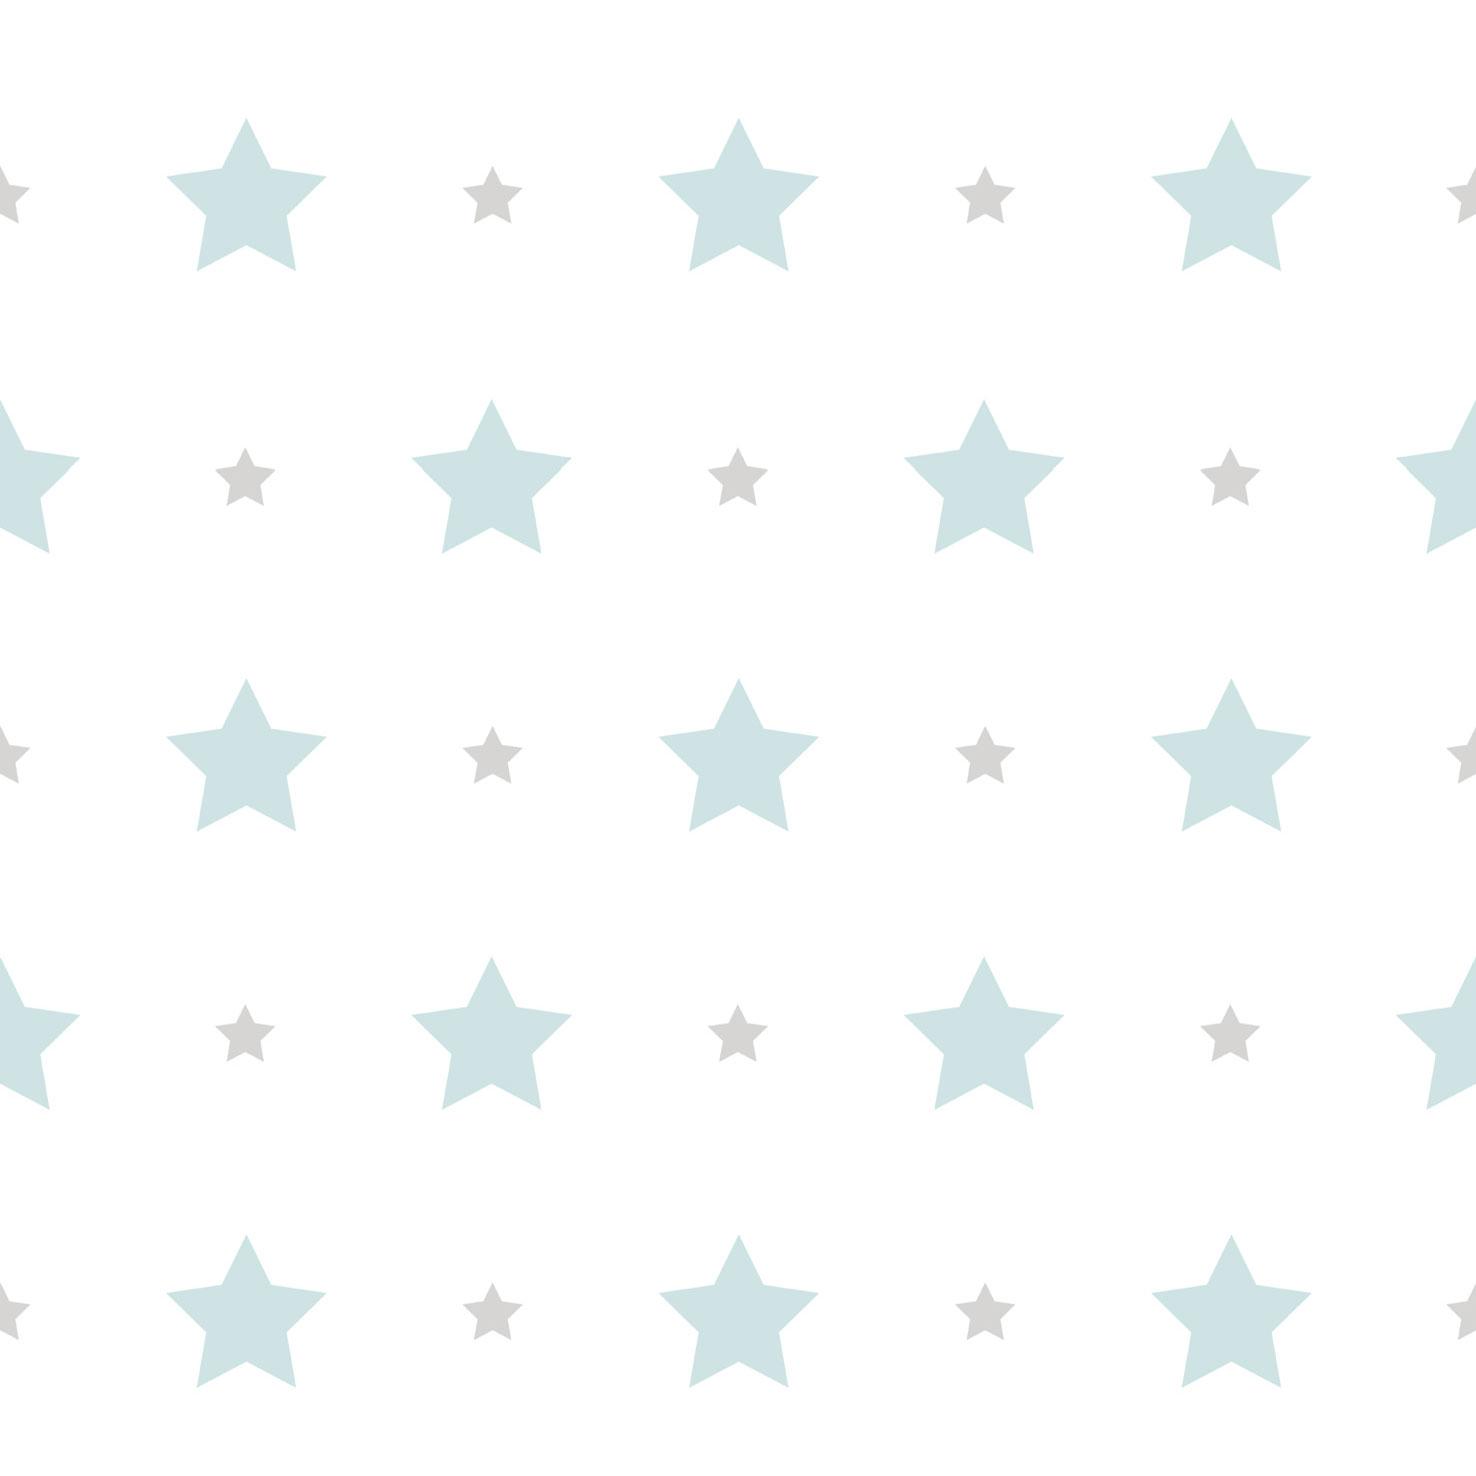 tapete kinder sterne stern rasch textil wei blau 330150. Black Bedroom Furniture Sets. Home Design Ideas